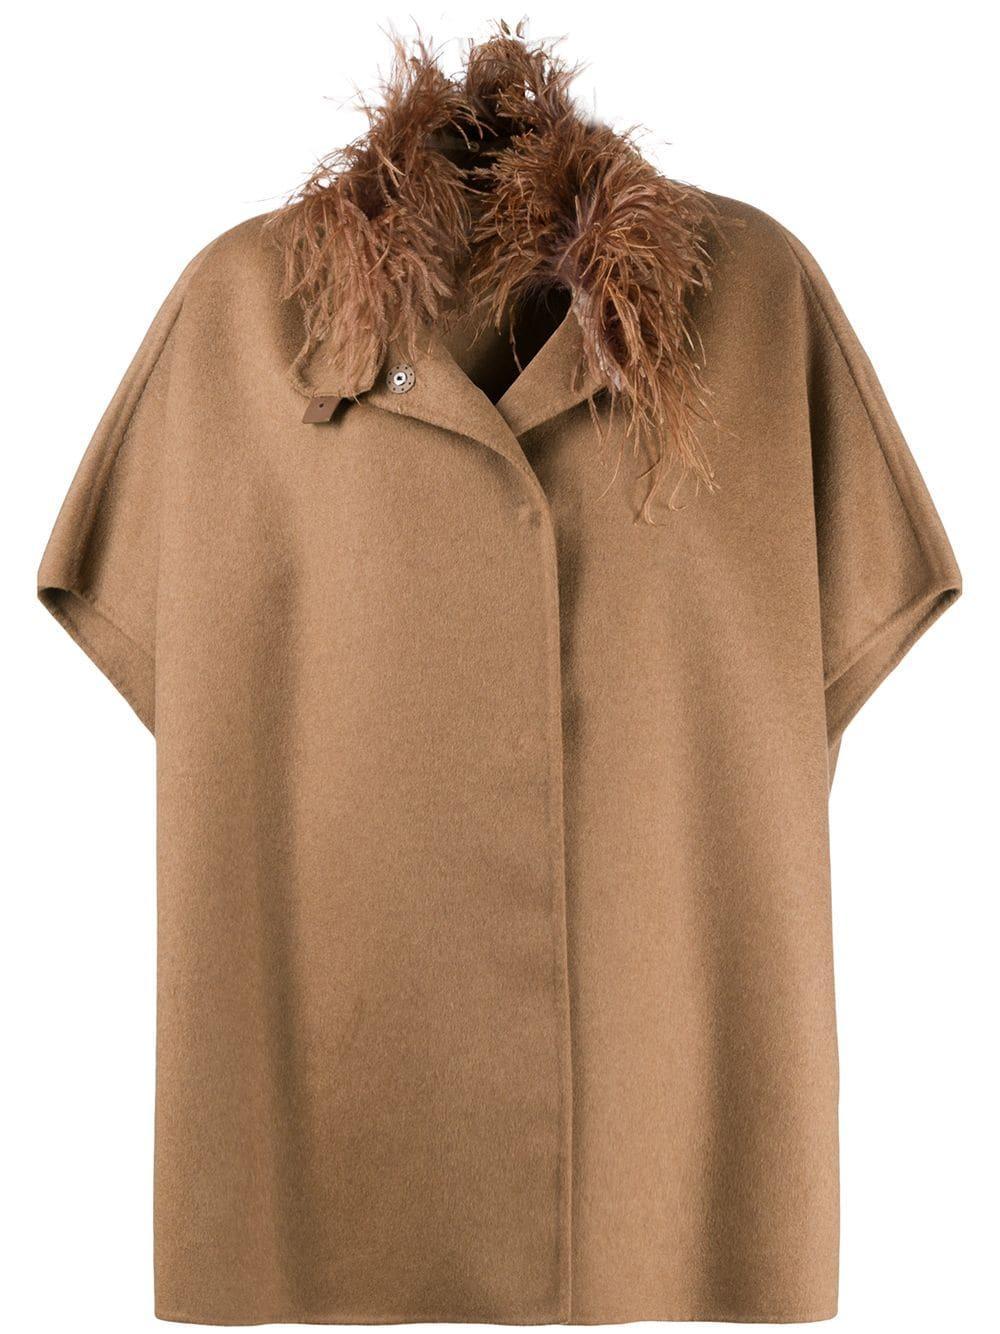 Short Sleeve Turtleneck Poncho